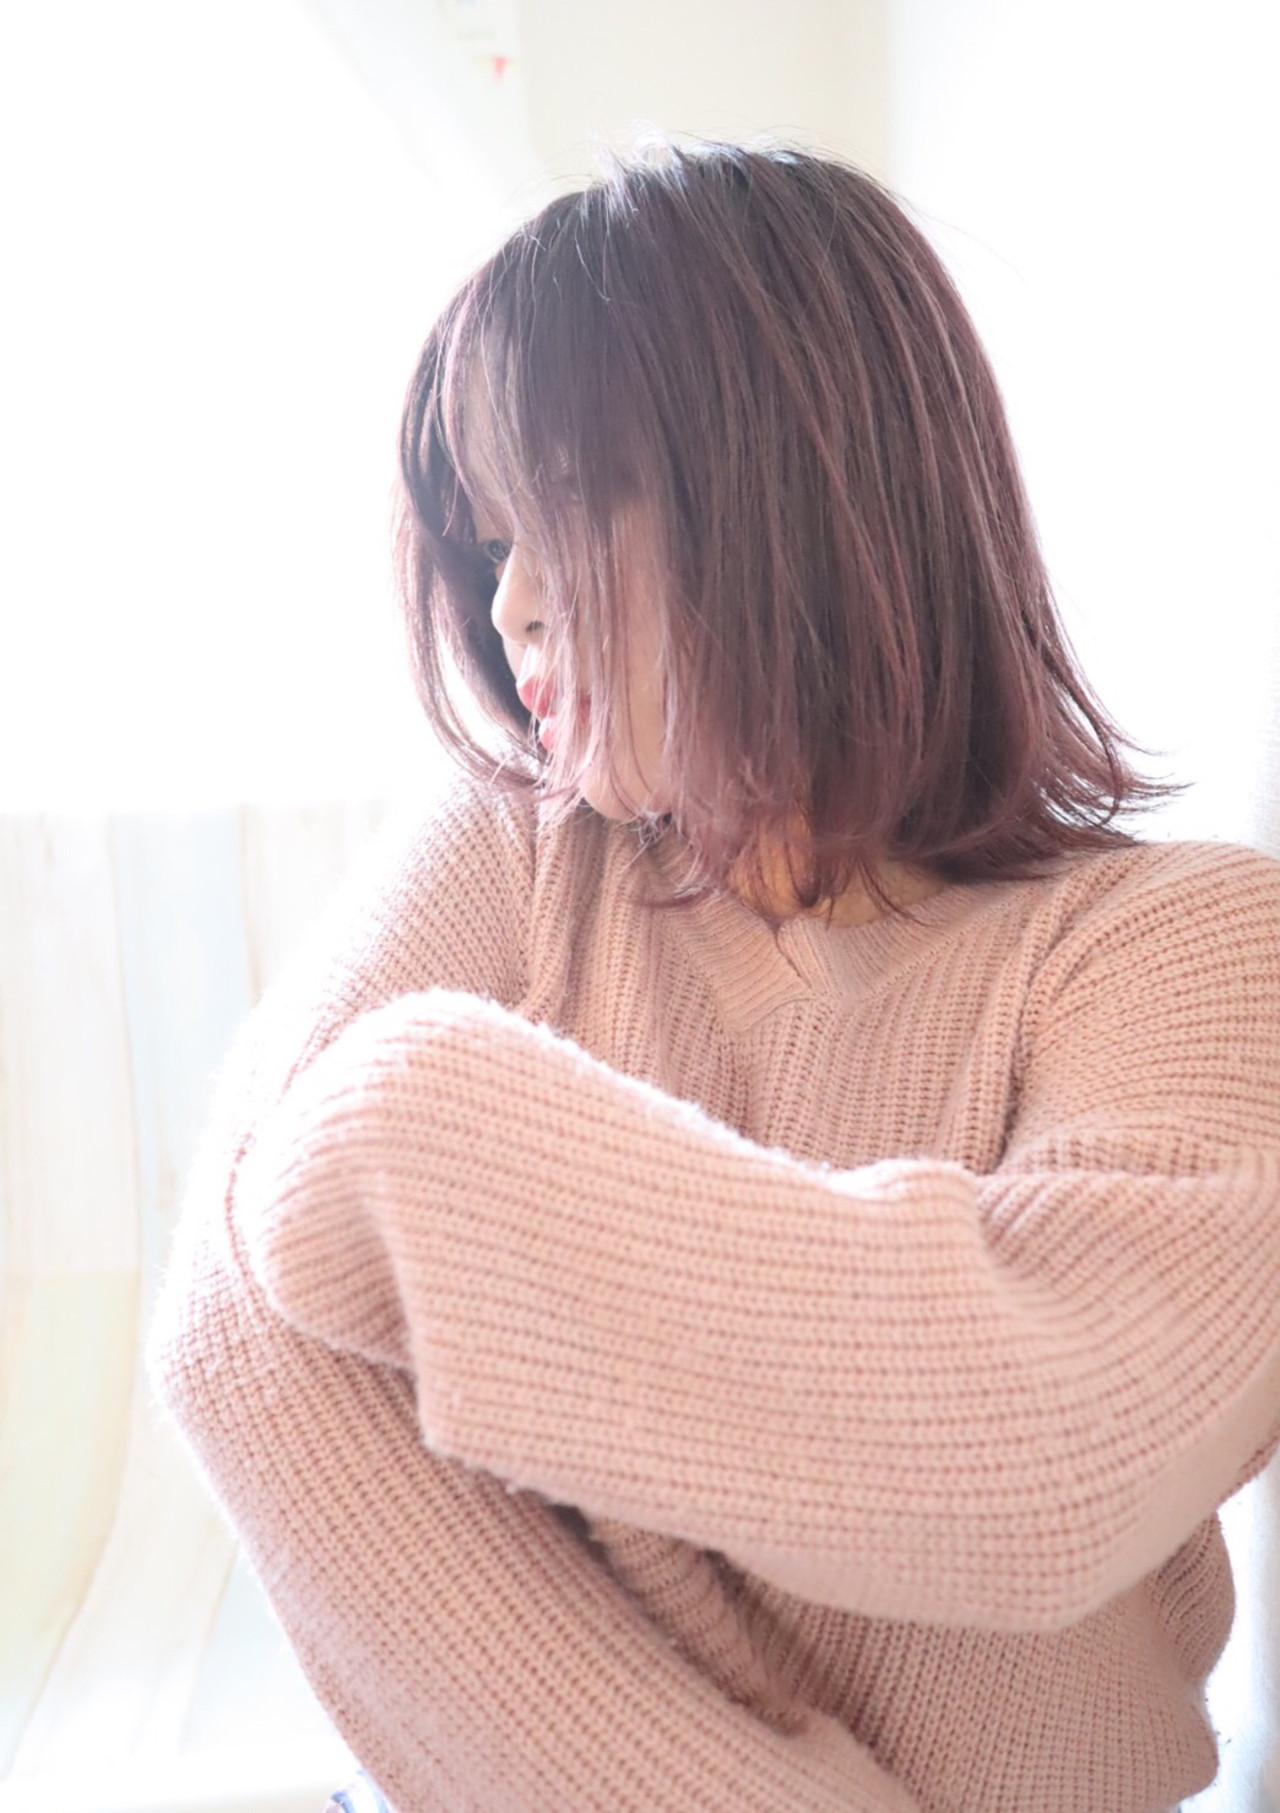 イルミナカラー グラデーションカラー フェミニン グラデーション ヘアスタイルや髪型の写真・画像 | tetsu / 全席半個室サロン Kona TNC 放送会館店